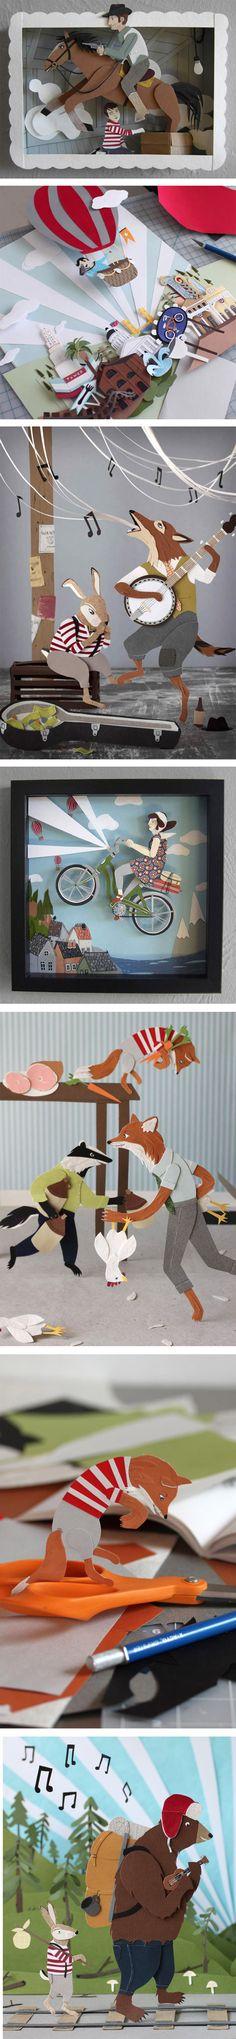 Jayme McGowan et ses illustrations en papier découpé !